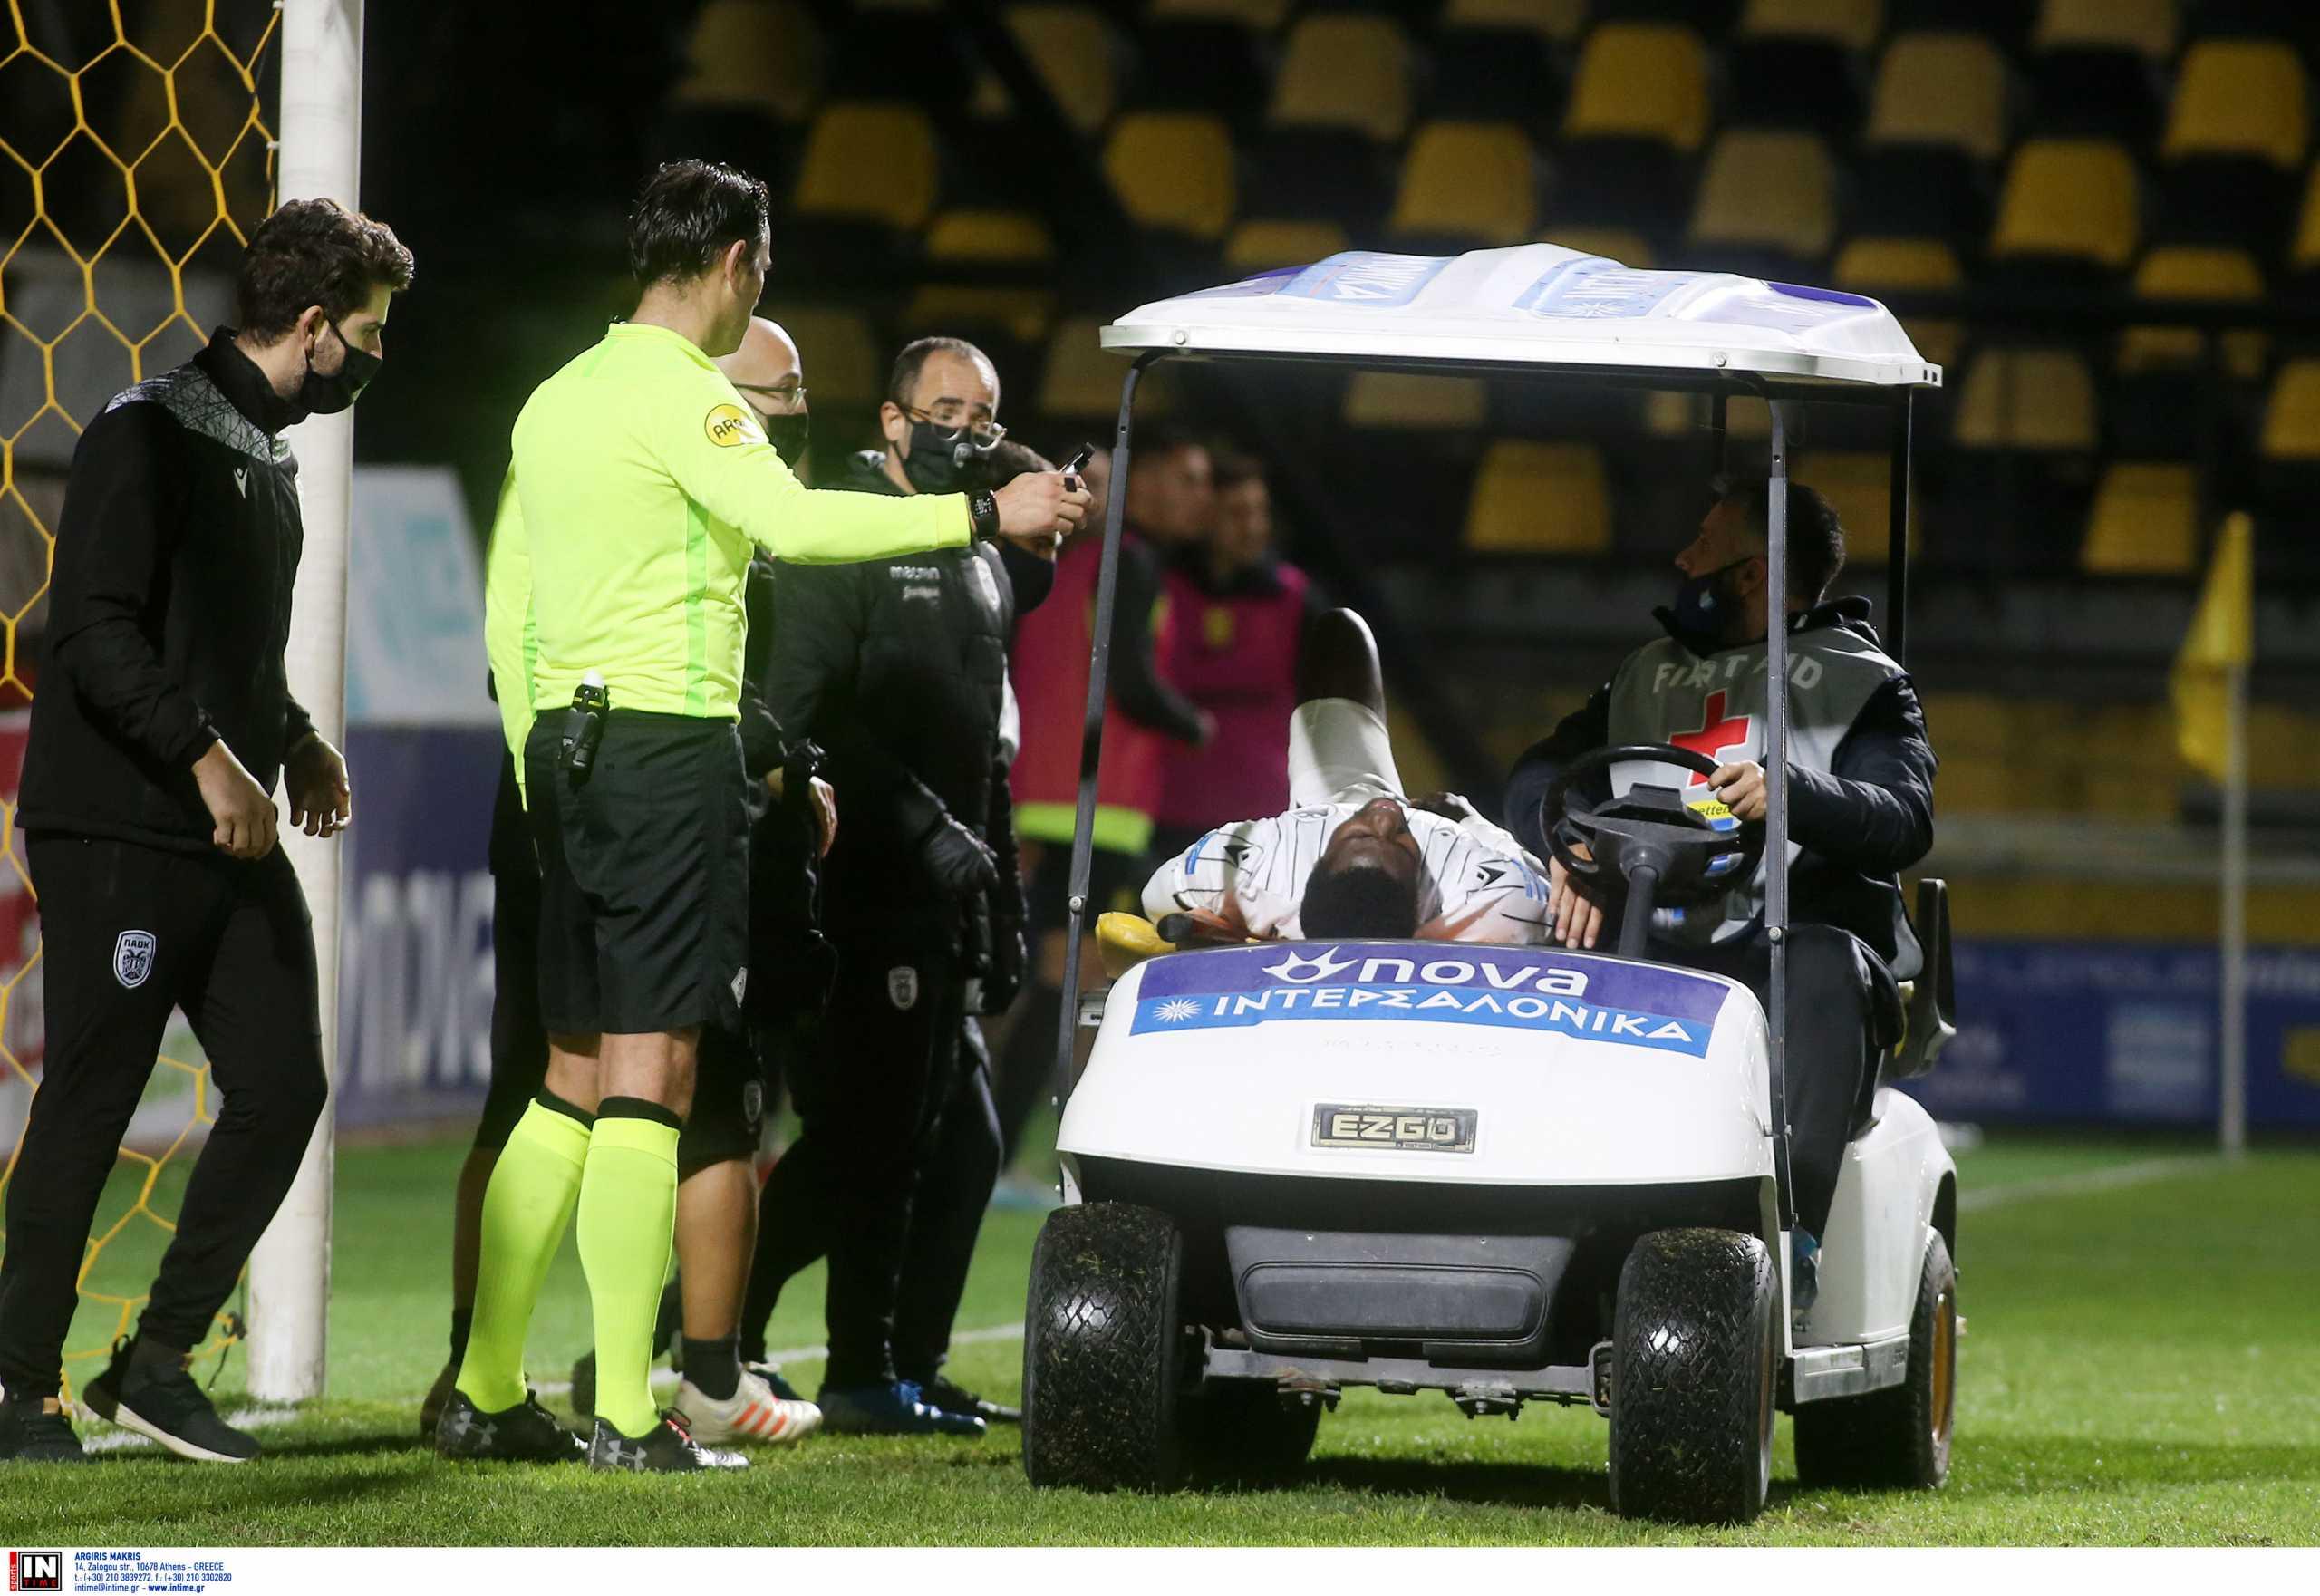 ΠΑΟΚ: Σοκαρισμένος ο γιατρός της ομάδας με τον τραυματισμό του Ουαγκέ – «Δεν το έχω δει ξανά αυτό»